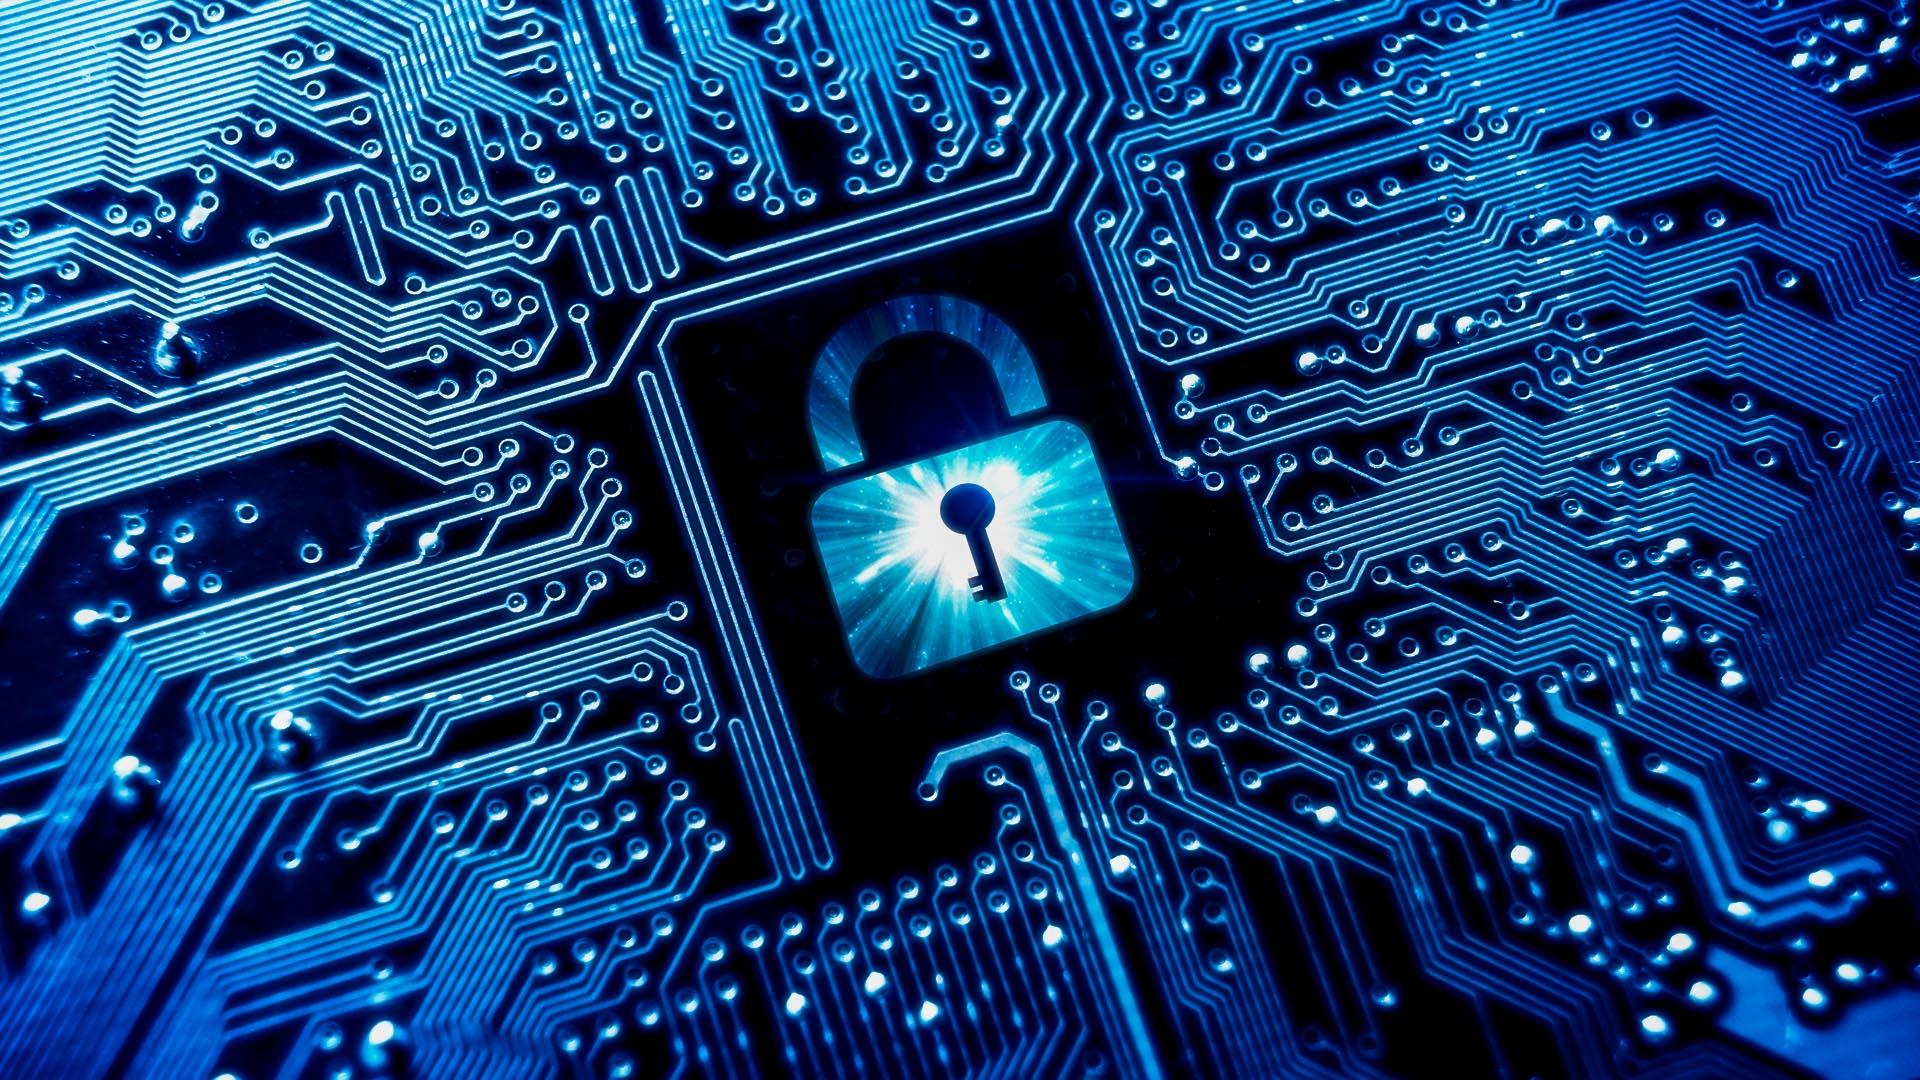 Соглашение о сотрудничестве стран СНГ в борьбе с киберпреступлениями представлено Президенту России